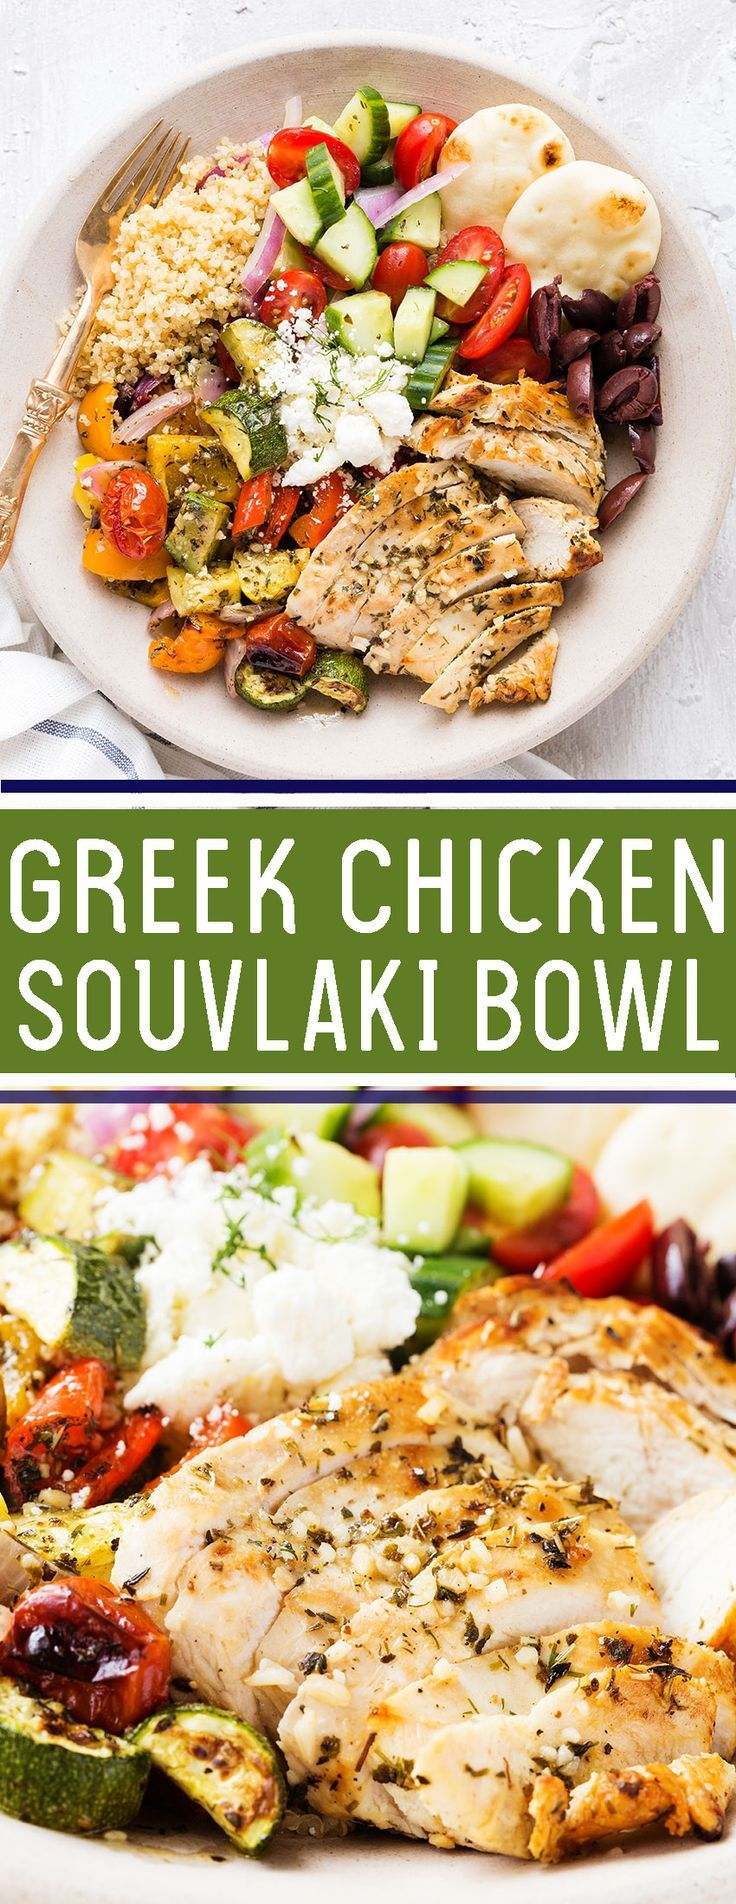 Greek Chicken Souvlaki Bowl